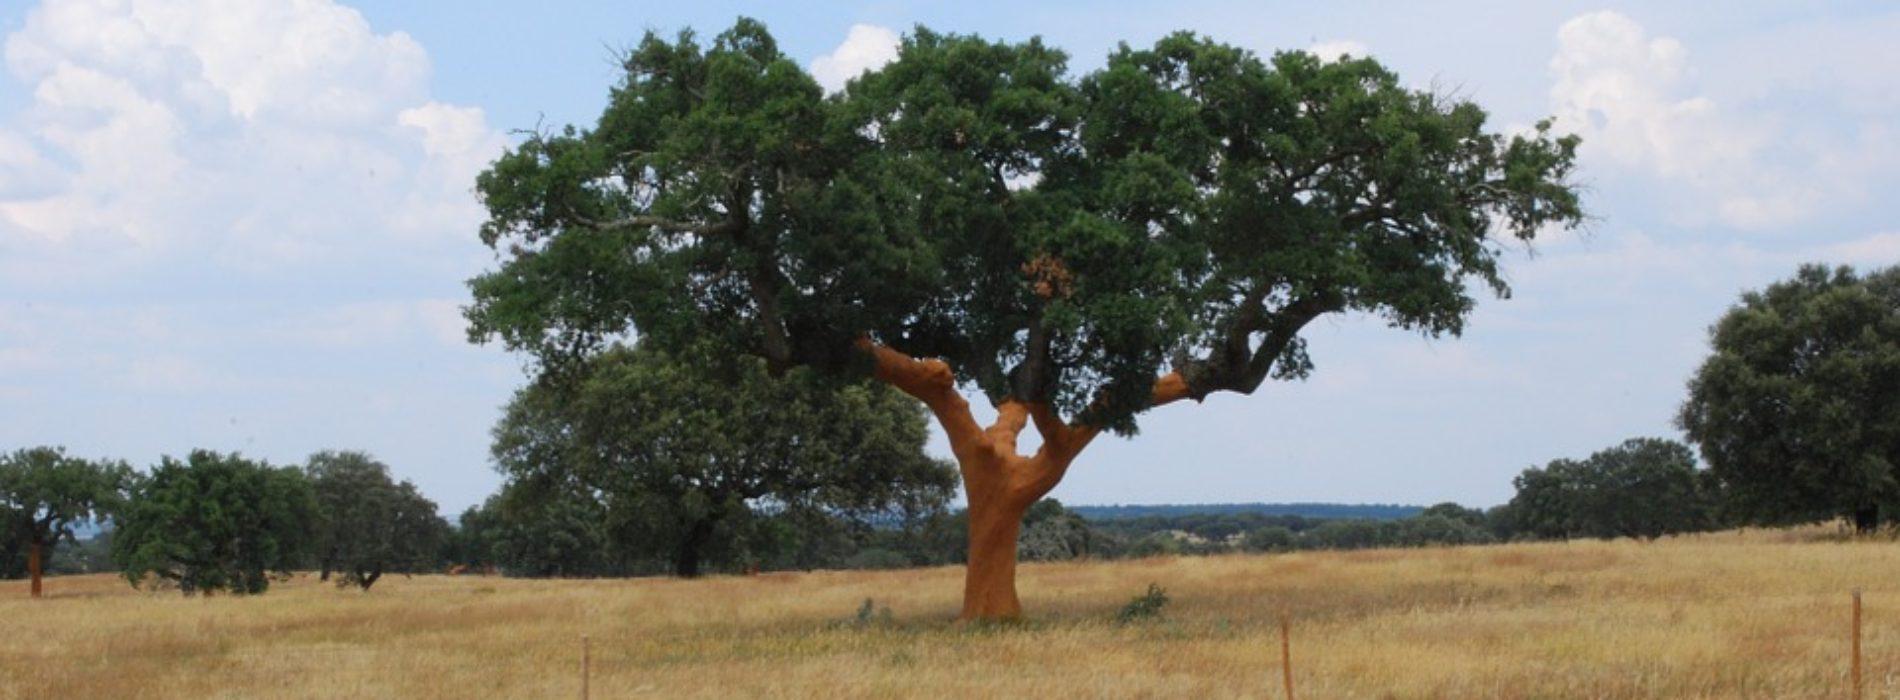 Sobreiro Agroportal Pixabay 1900x700 C